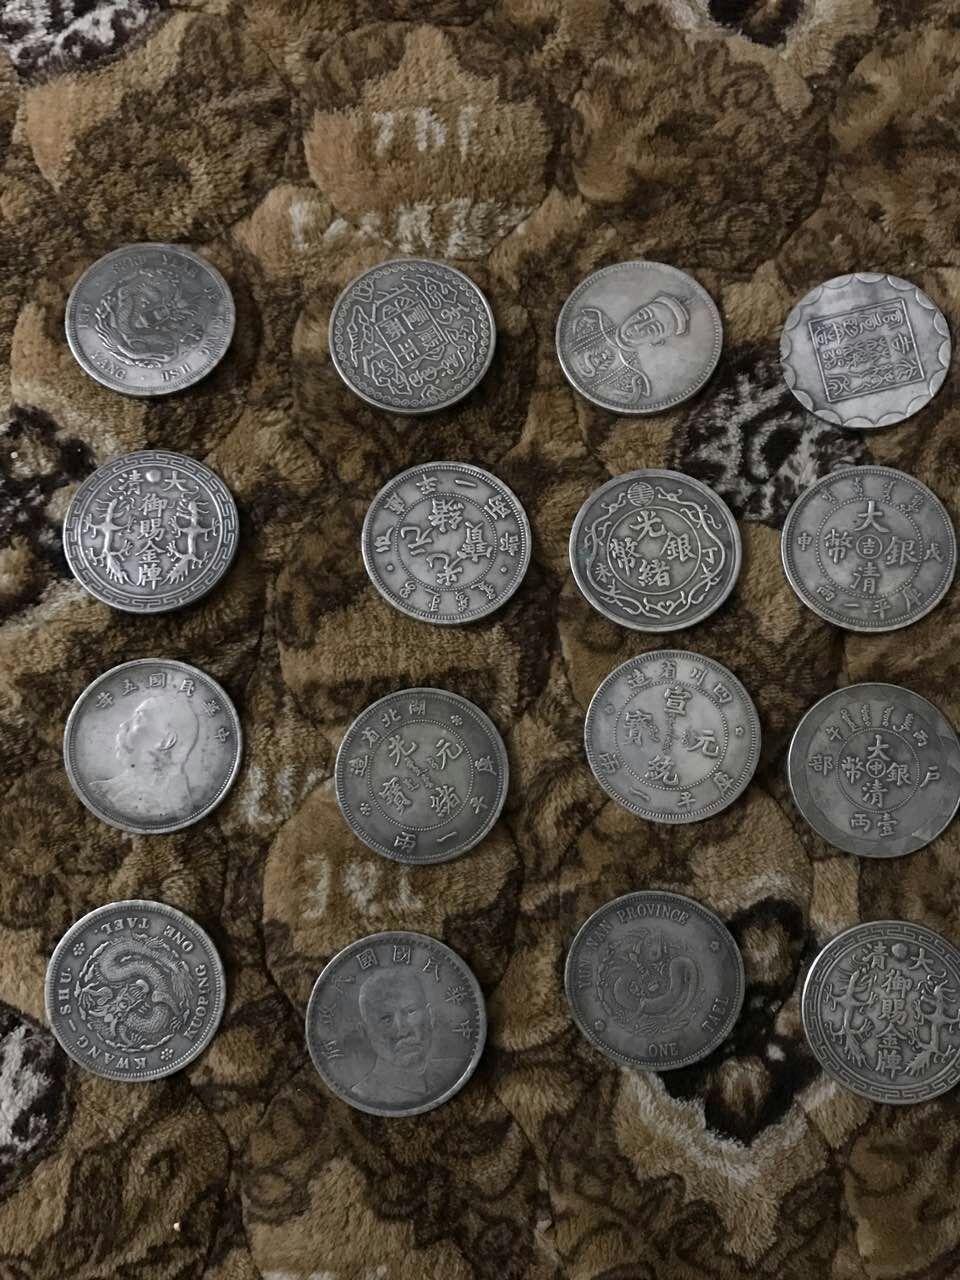 私人博物馆 大清银币,光绪元宝,大清御赐金牌等古币!